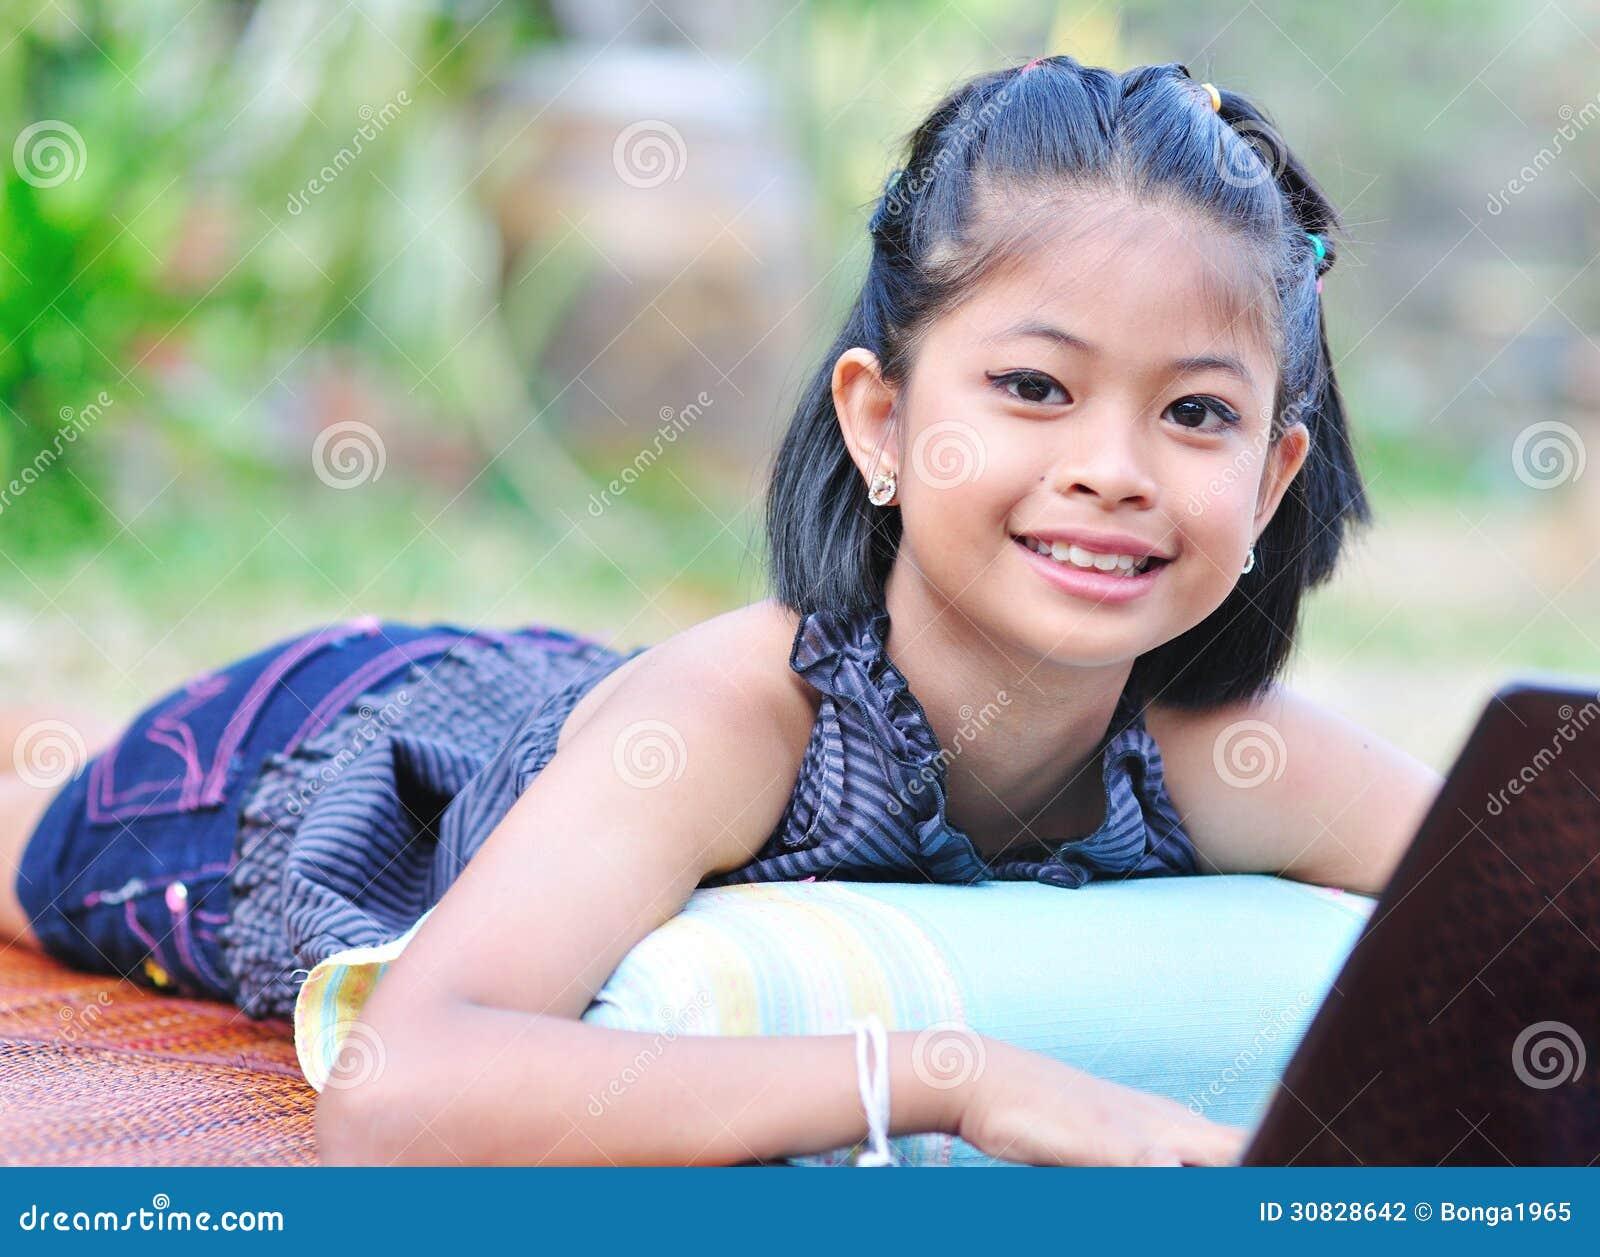 Bambina con il computer portatile.